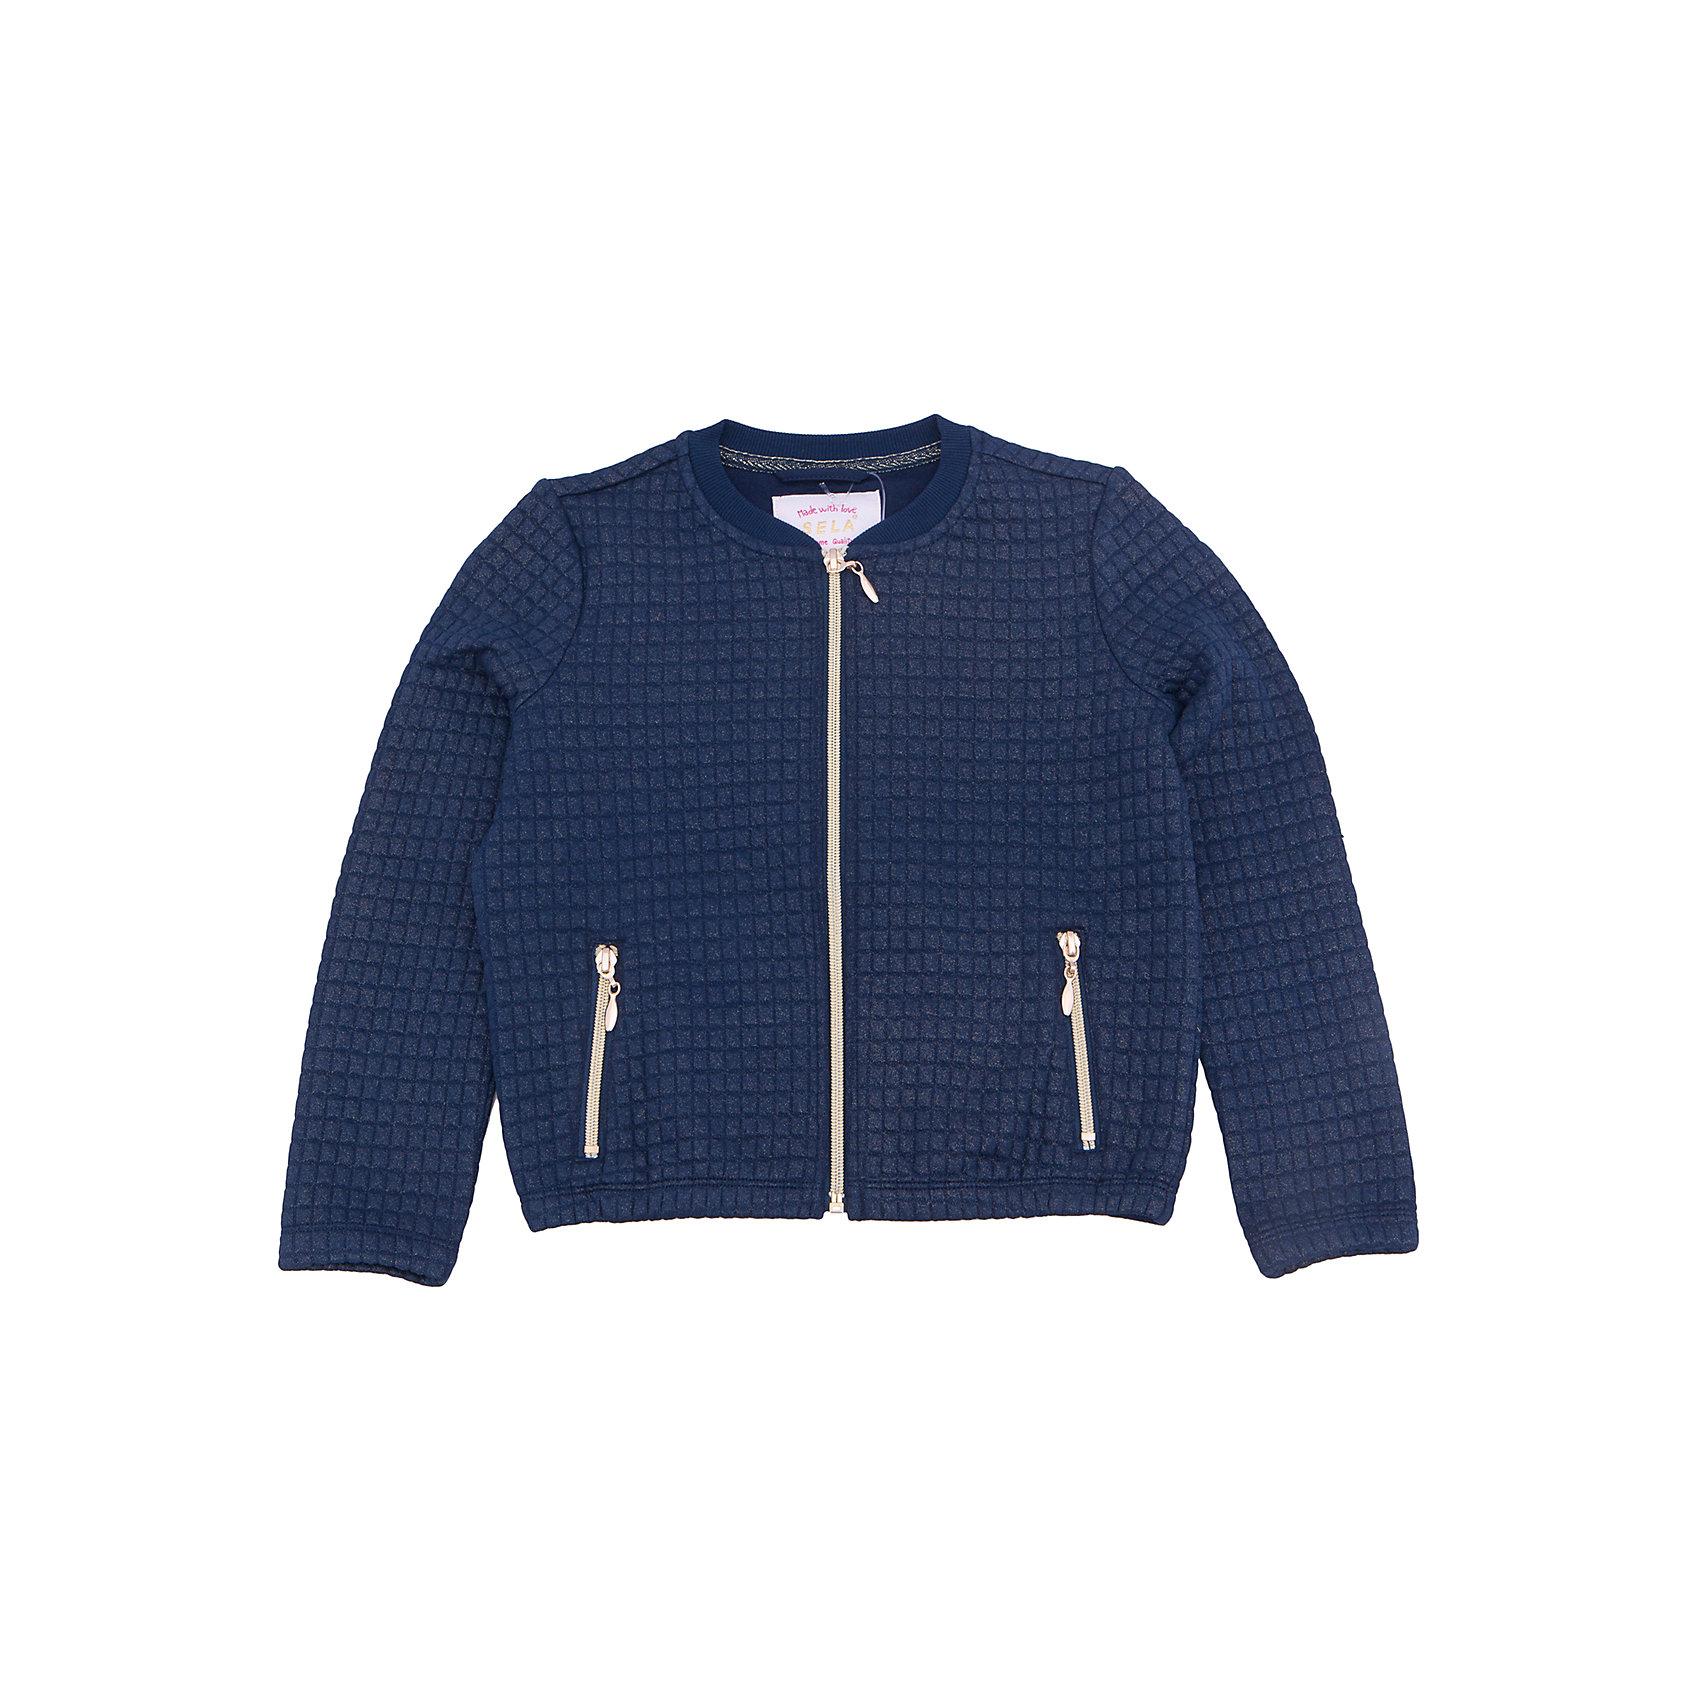 Куртка для девочки SELAВерхняя одежда<br>Характеристики товара:<br><br>• цвет: синий<br>• состав: 60% Полиэстер, 35% хлопок, 5% эластан<br>• температурный режим: от +10°до +20°С<br>• молния<br>• манжеты<br>• длинные рукава<br>• карманы<br>• коллекция весна-лето 2017<br>• страна бренда: Российская Федерация<br><br>Вещи из новой коллекции SELA продолжают радовать удобством! Легкая куртка для девочки поможет разнообразить гардероб ребенка и обеспечить комфорт. Она отлично сочетается с юбками и брюками. Очень стильно смотрится!<br><br>Одежда, обувь и аксессуары от российского бренда SELA не зря пользуются большой популярностью у детей и взрослых! Модели этой марки - стильные и удобные, цена при этом неизменно остается доступной. Для их производства используются только безопасные, качественные материалы и фурнитура. Новая коллекция поддерживает хорошие традиции бренда! <br><br>Куртку для девочки от популярного бренда SELA (СЕЛА) можно купить в нашем интернет-магазине.<br><br>Ширина мм: 356<br>Глубина мм: 10<br>Высота мм: 245<br>Вес г: 519<br>Цвет: синий<br>Возраст от месяцев: 72<br>Возраст до месяцев: 84<br>Пол: Женский<br>Возраст: Детский<br>Размер: 122,116,128,134,140,146,152<br>SKU: 5305053